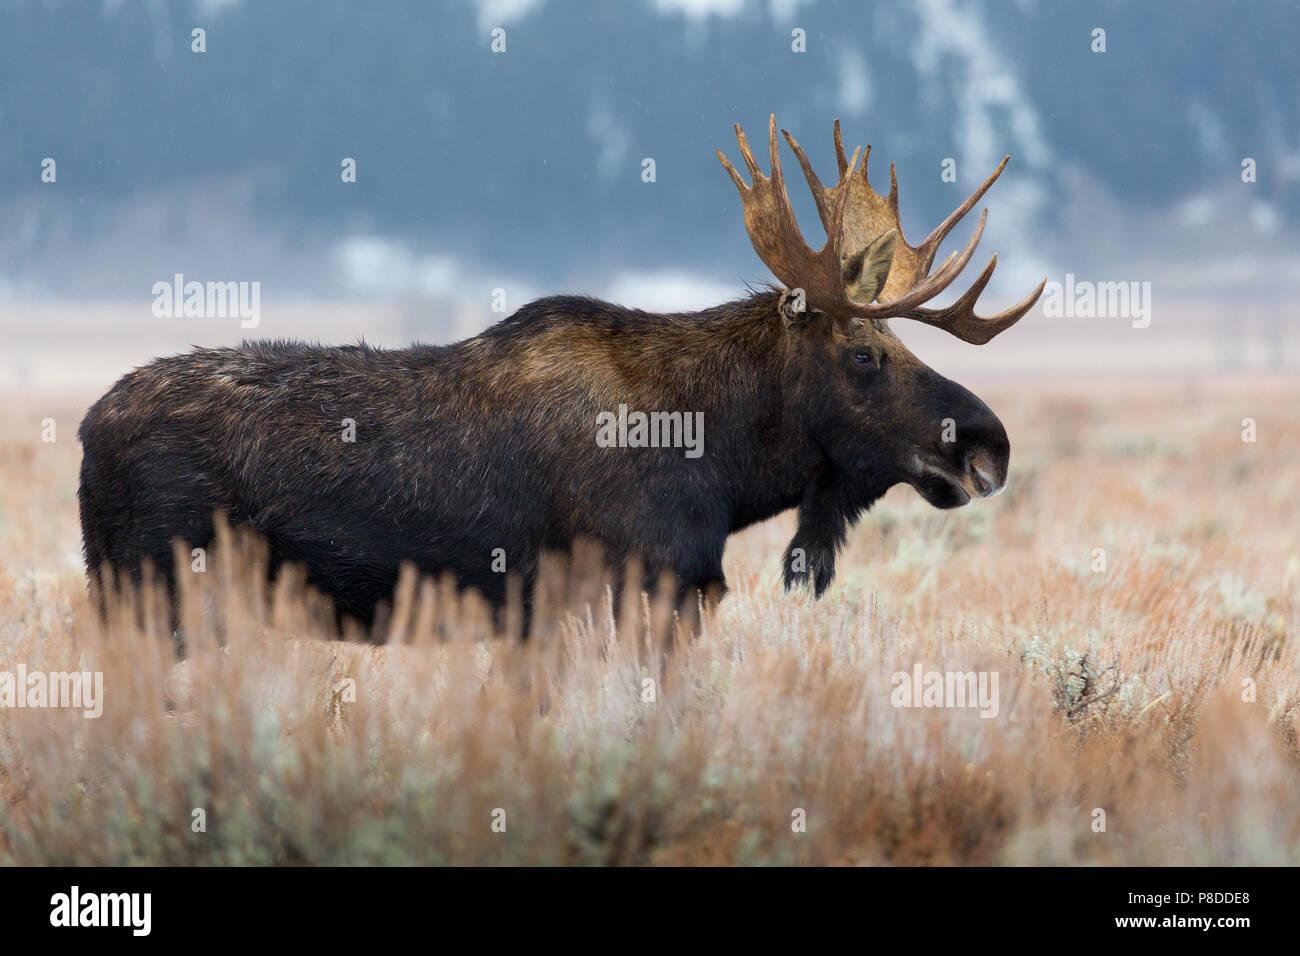 Un orignal mâle debout dans l'armoise alors que l'hiver commence à se stabiliser. Parc National de Grand Teton, Wyoming Banque D'Images